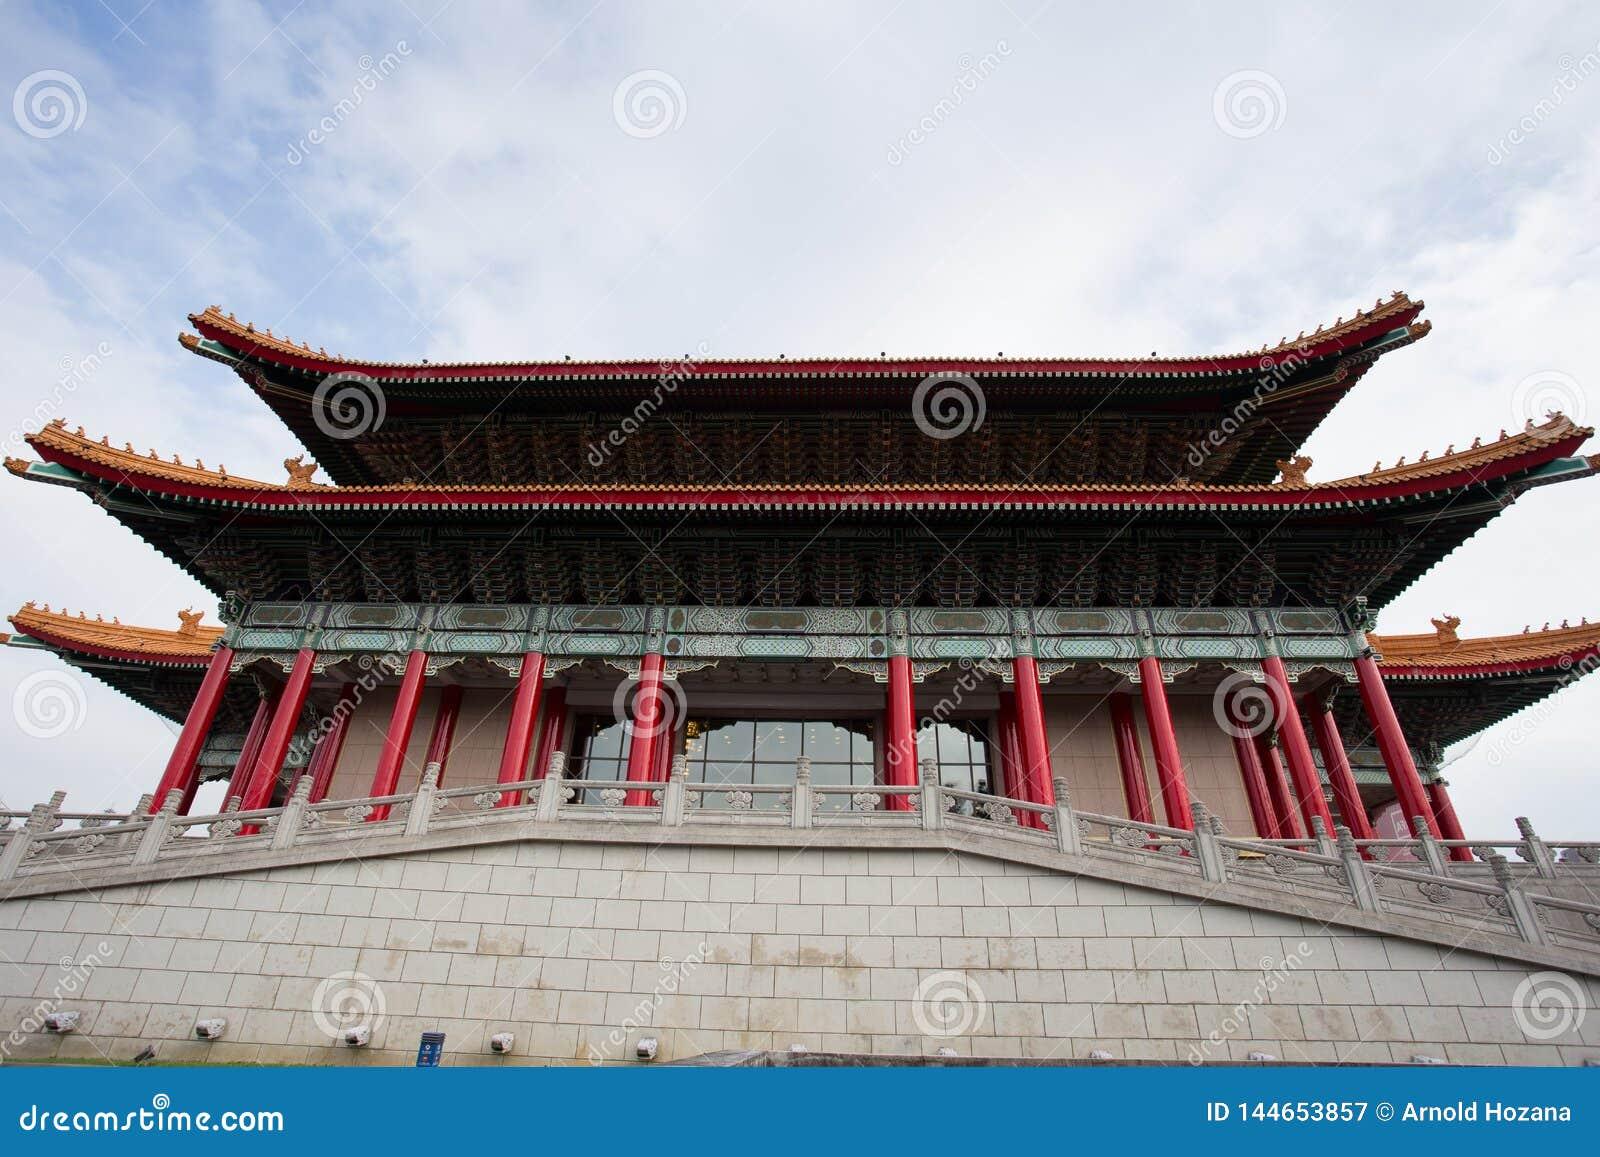 National Concert Hall in Chiang Kai Sek Memorial Park